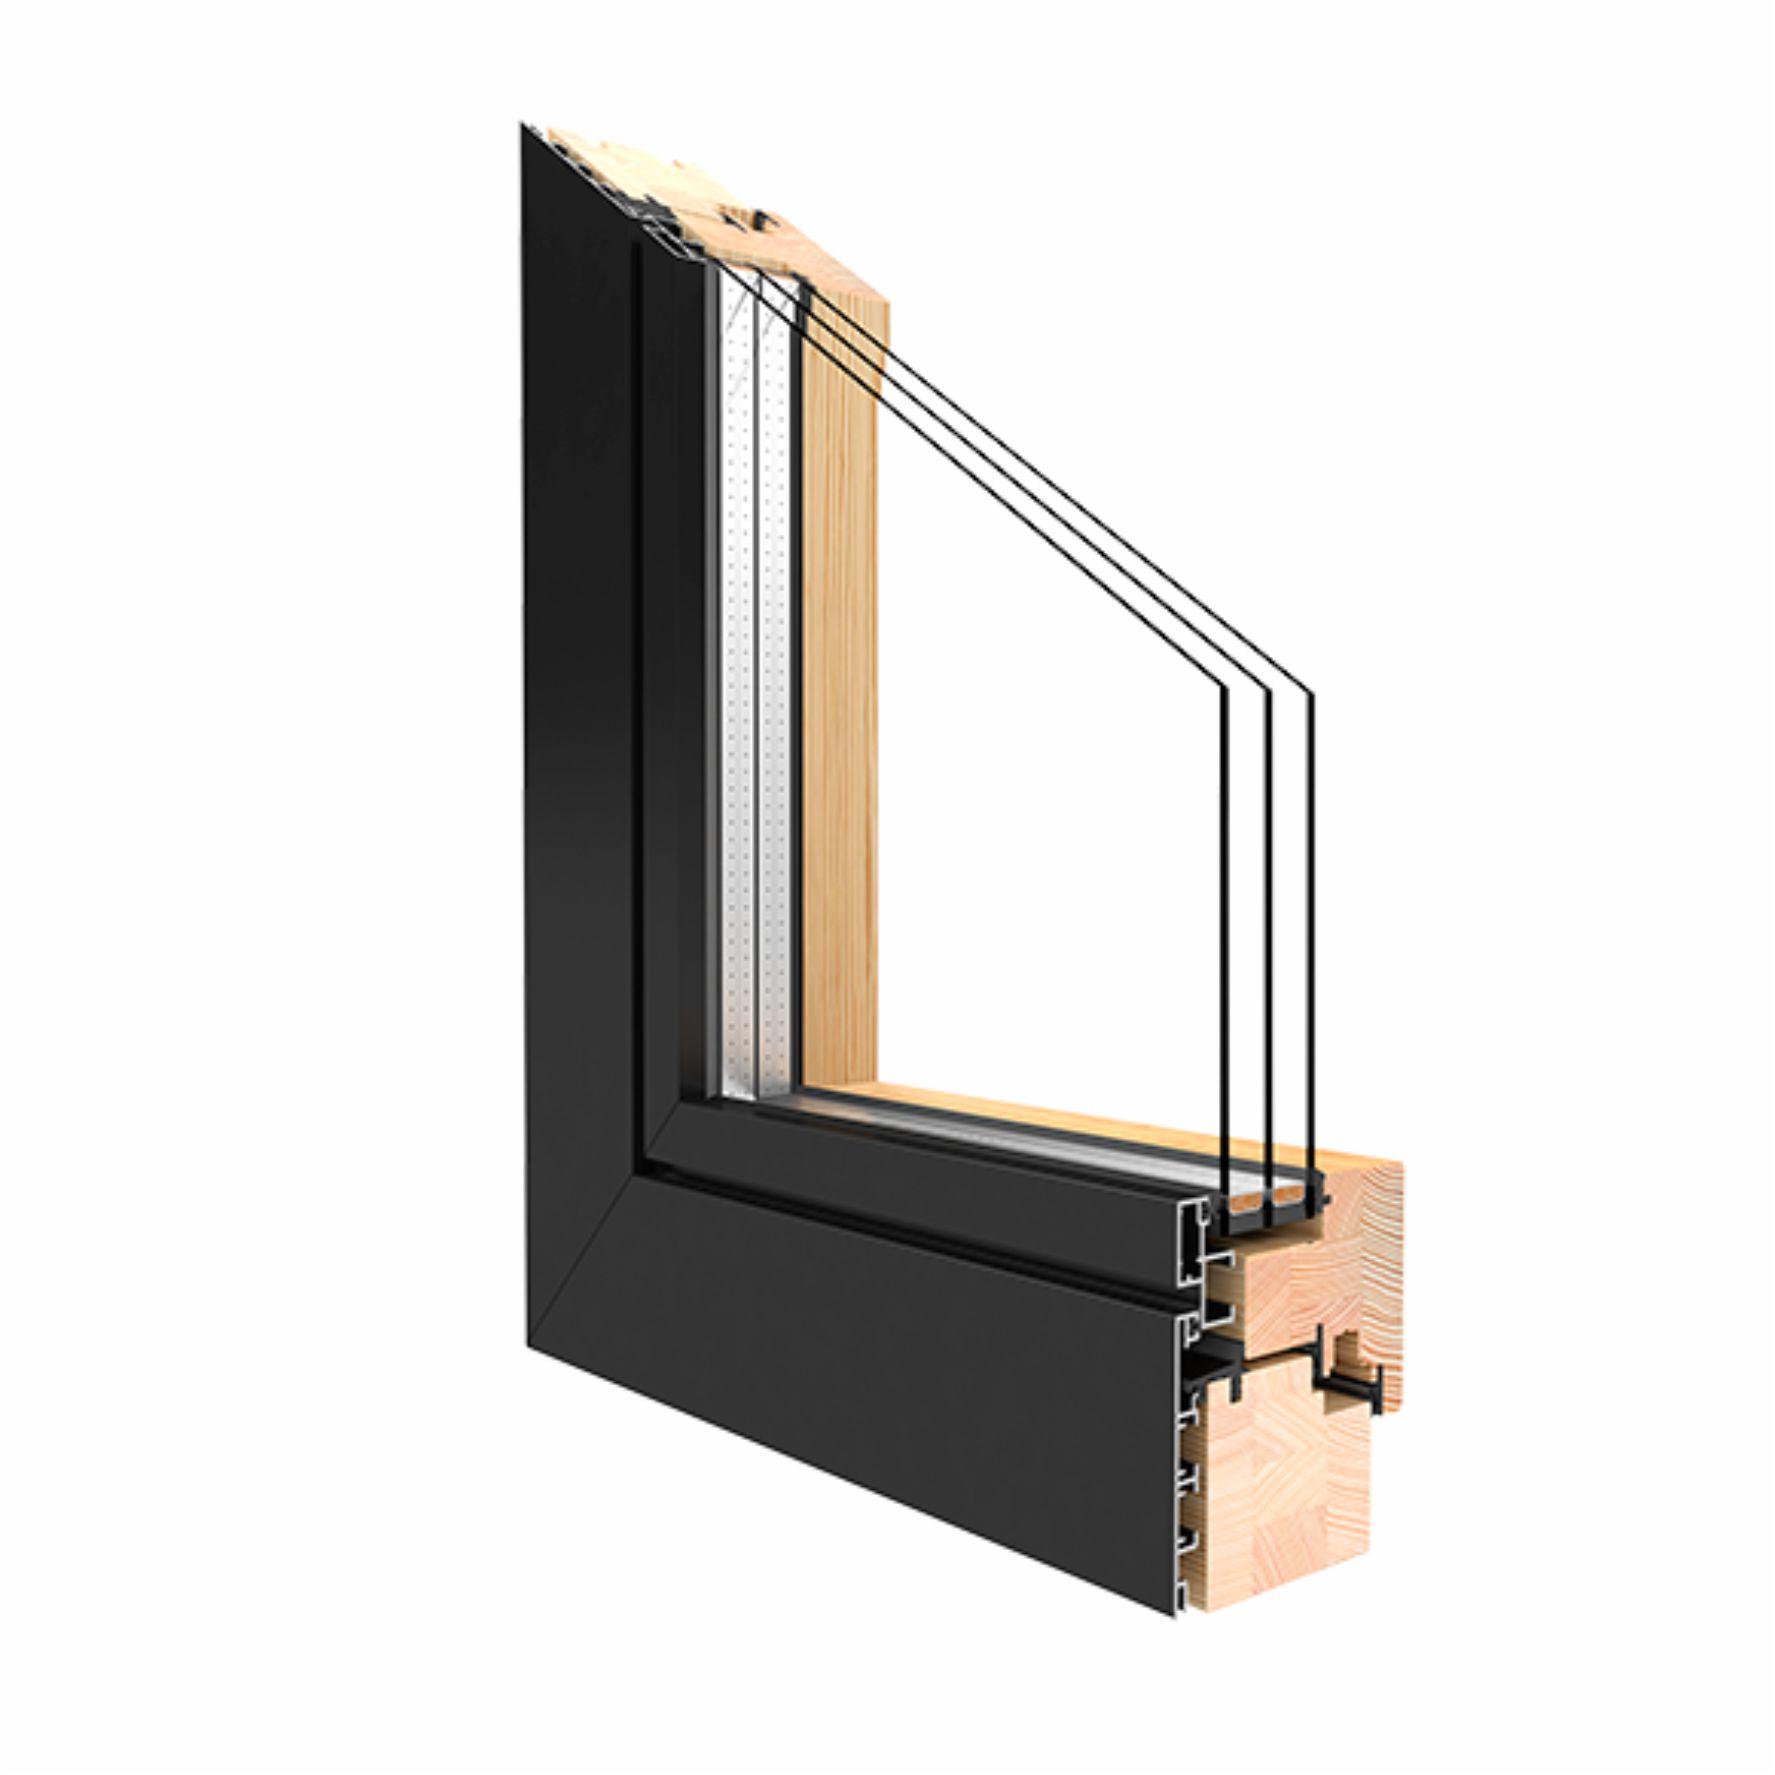 Full Size of Holz Alu Fenster Druteduoline 88 Kiefer Alle Gren Plissee Reinigen Marken Auf Maß Fliegengitter Maßanfertigung Sichtschutz Insektenschutzrollo Fenster Holz Alu Fenster